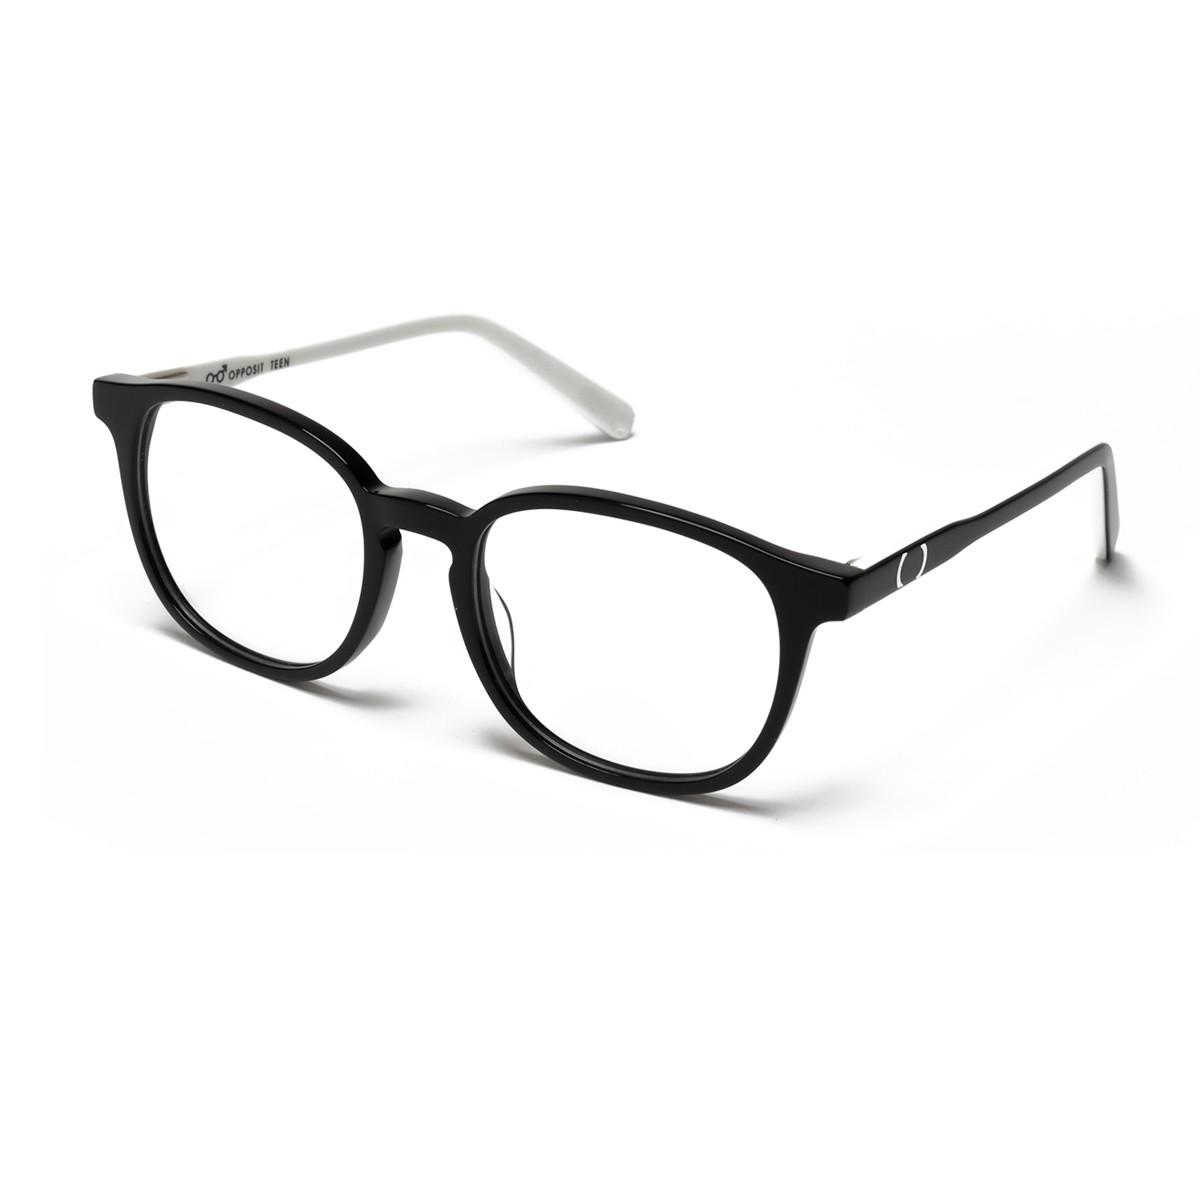 Opposit Teen TO047V   Women's eyeglasses